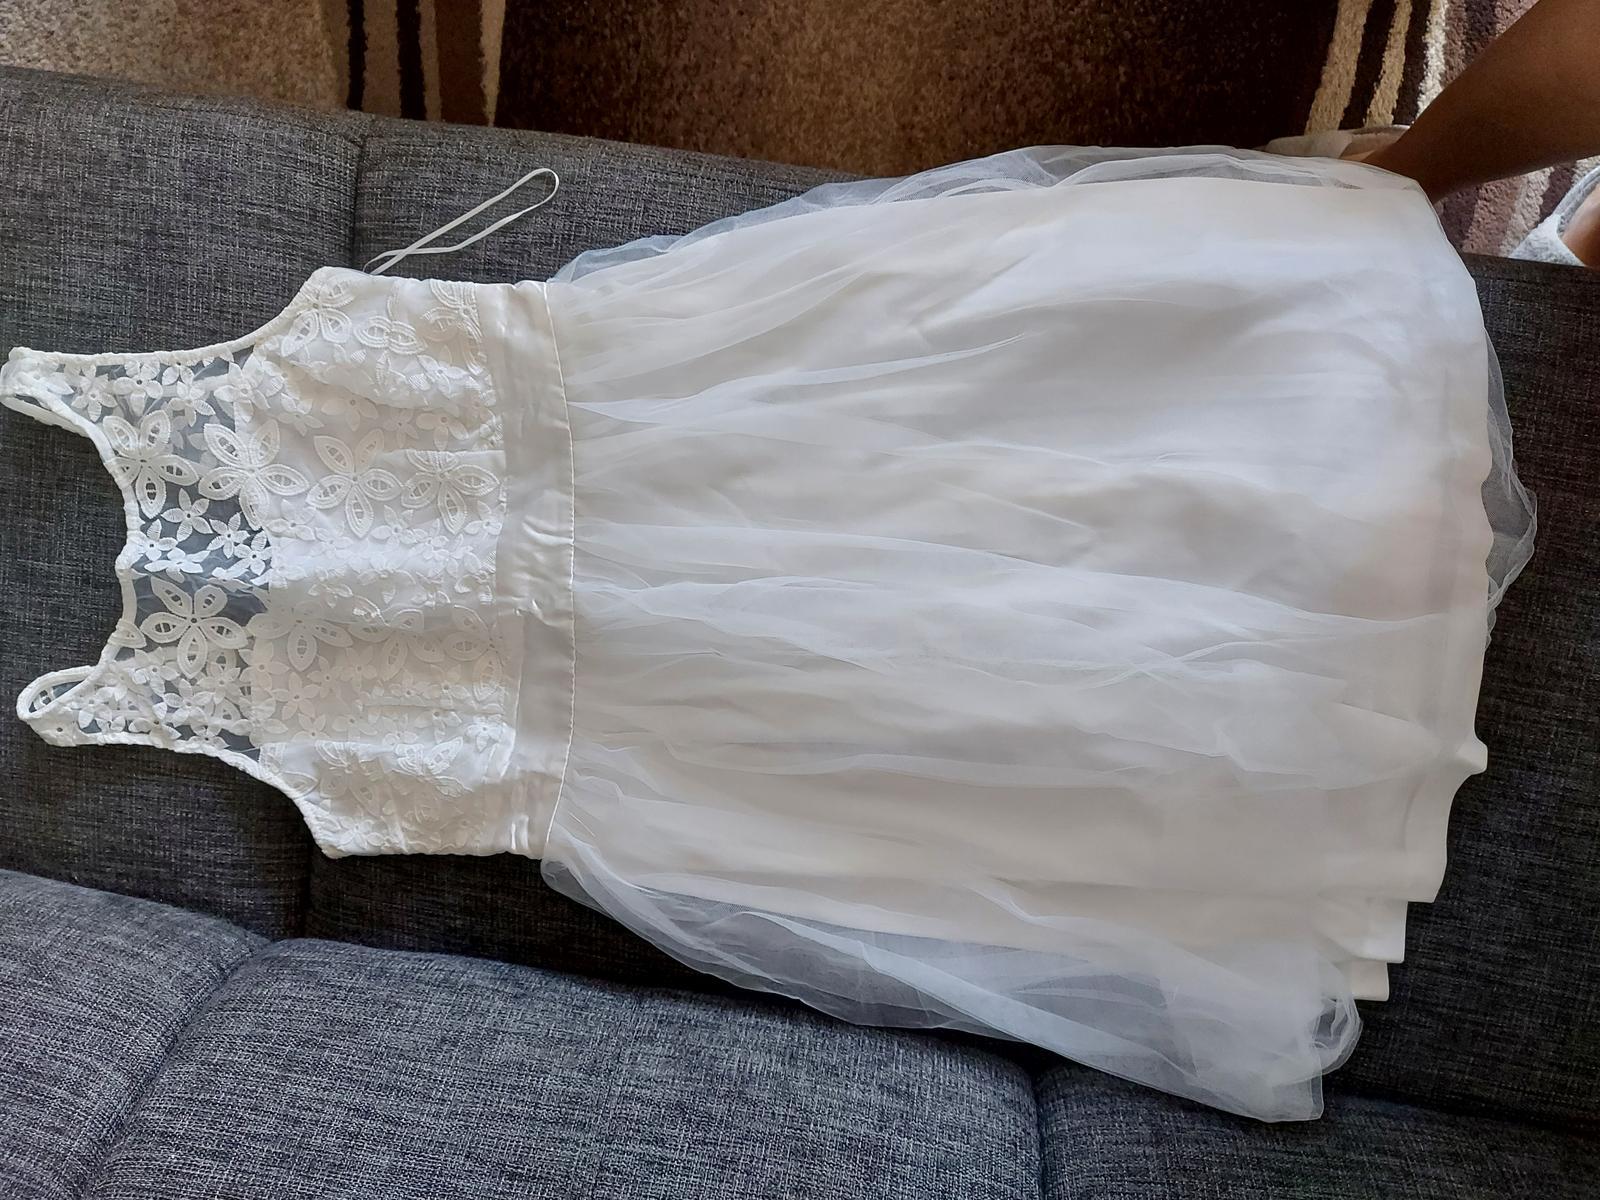 Bile šaty - Obrázek č. 1